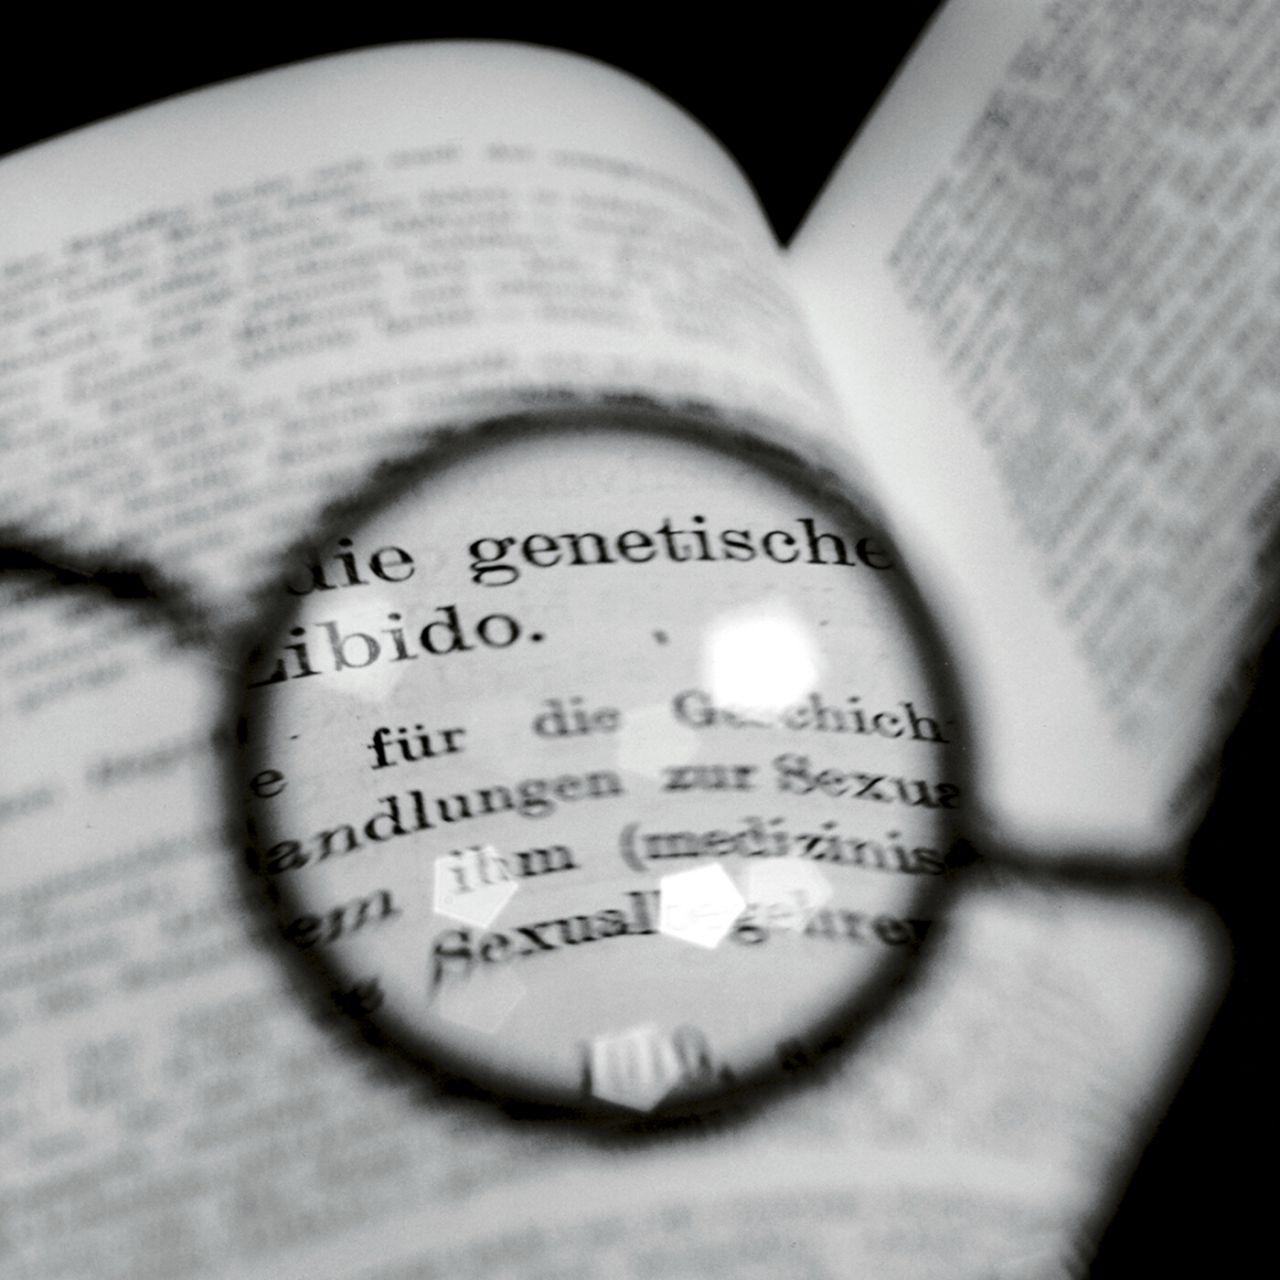 Las gafas de Freud, viendo un texto de Jung ii, 1998